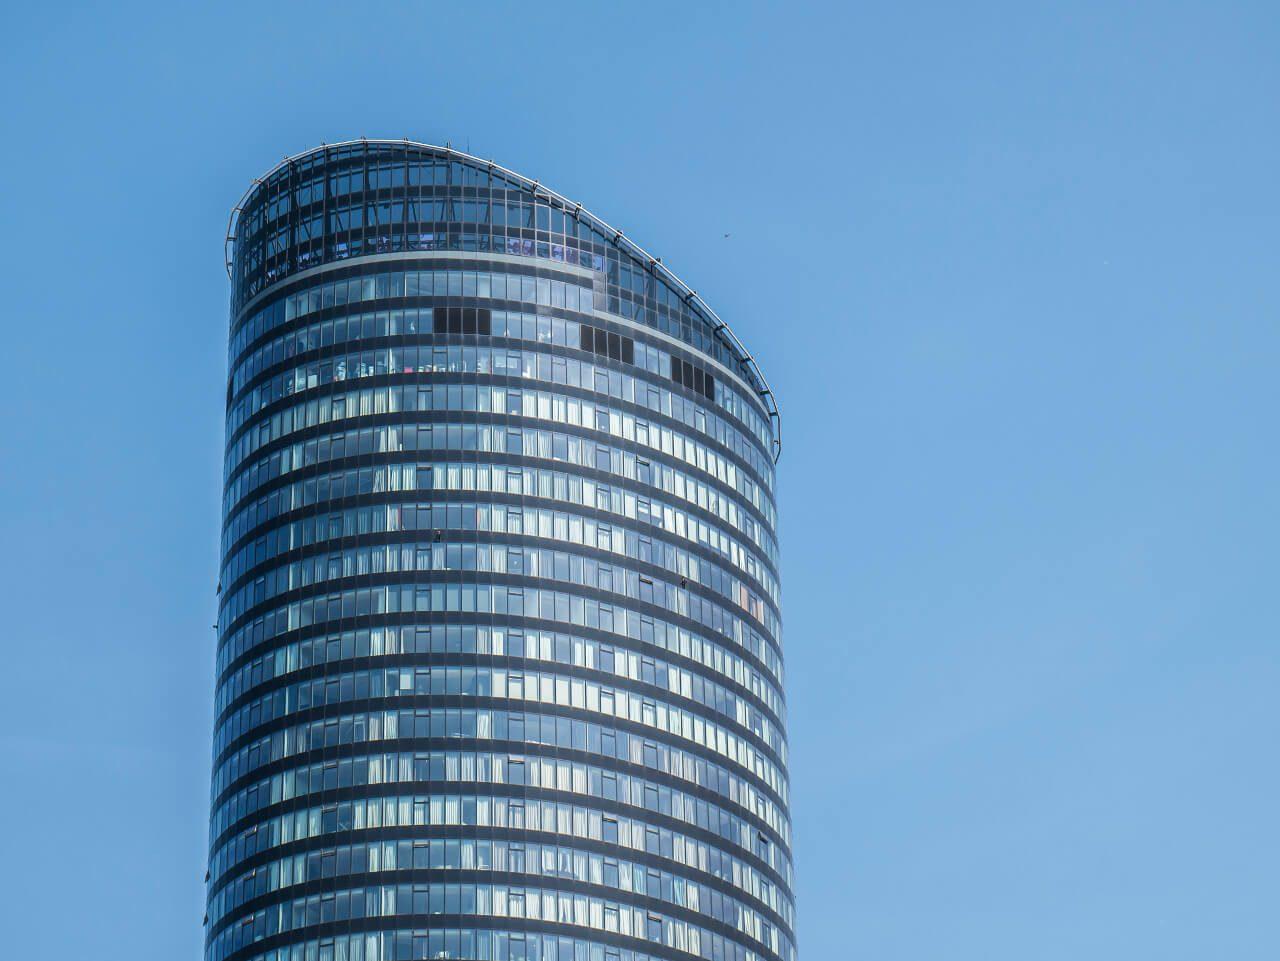 Wrocław w jeden dzień - taras widokowy na Sky Tower